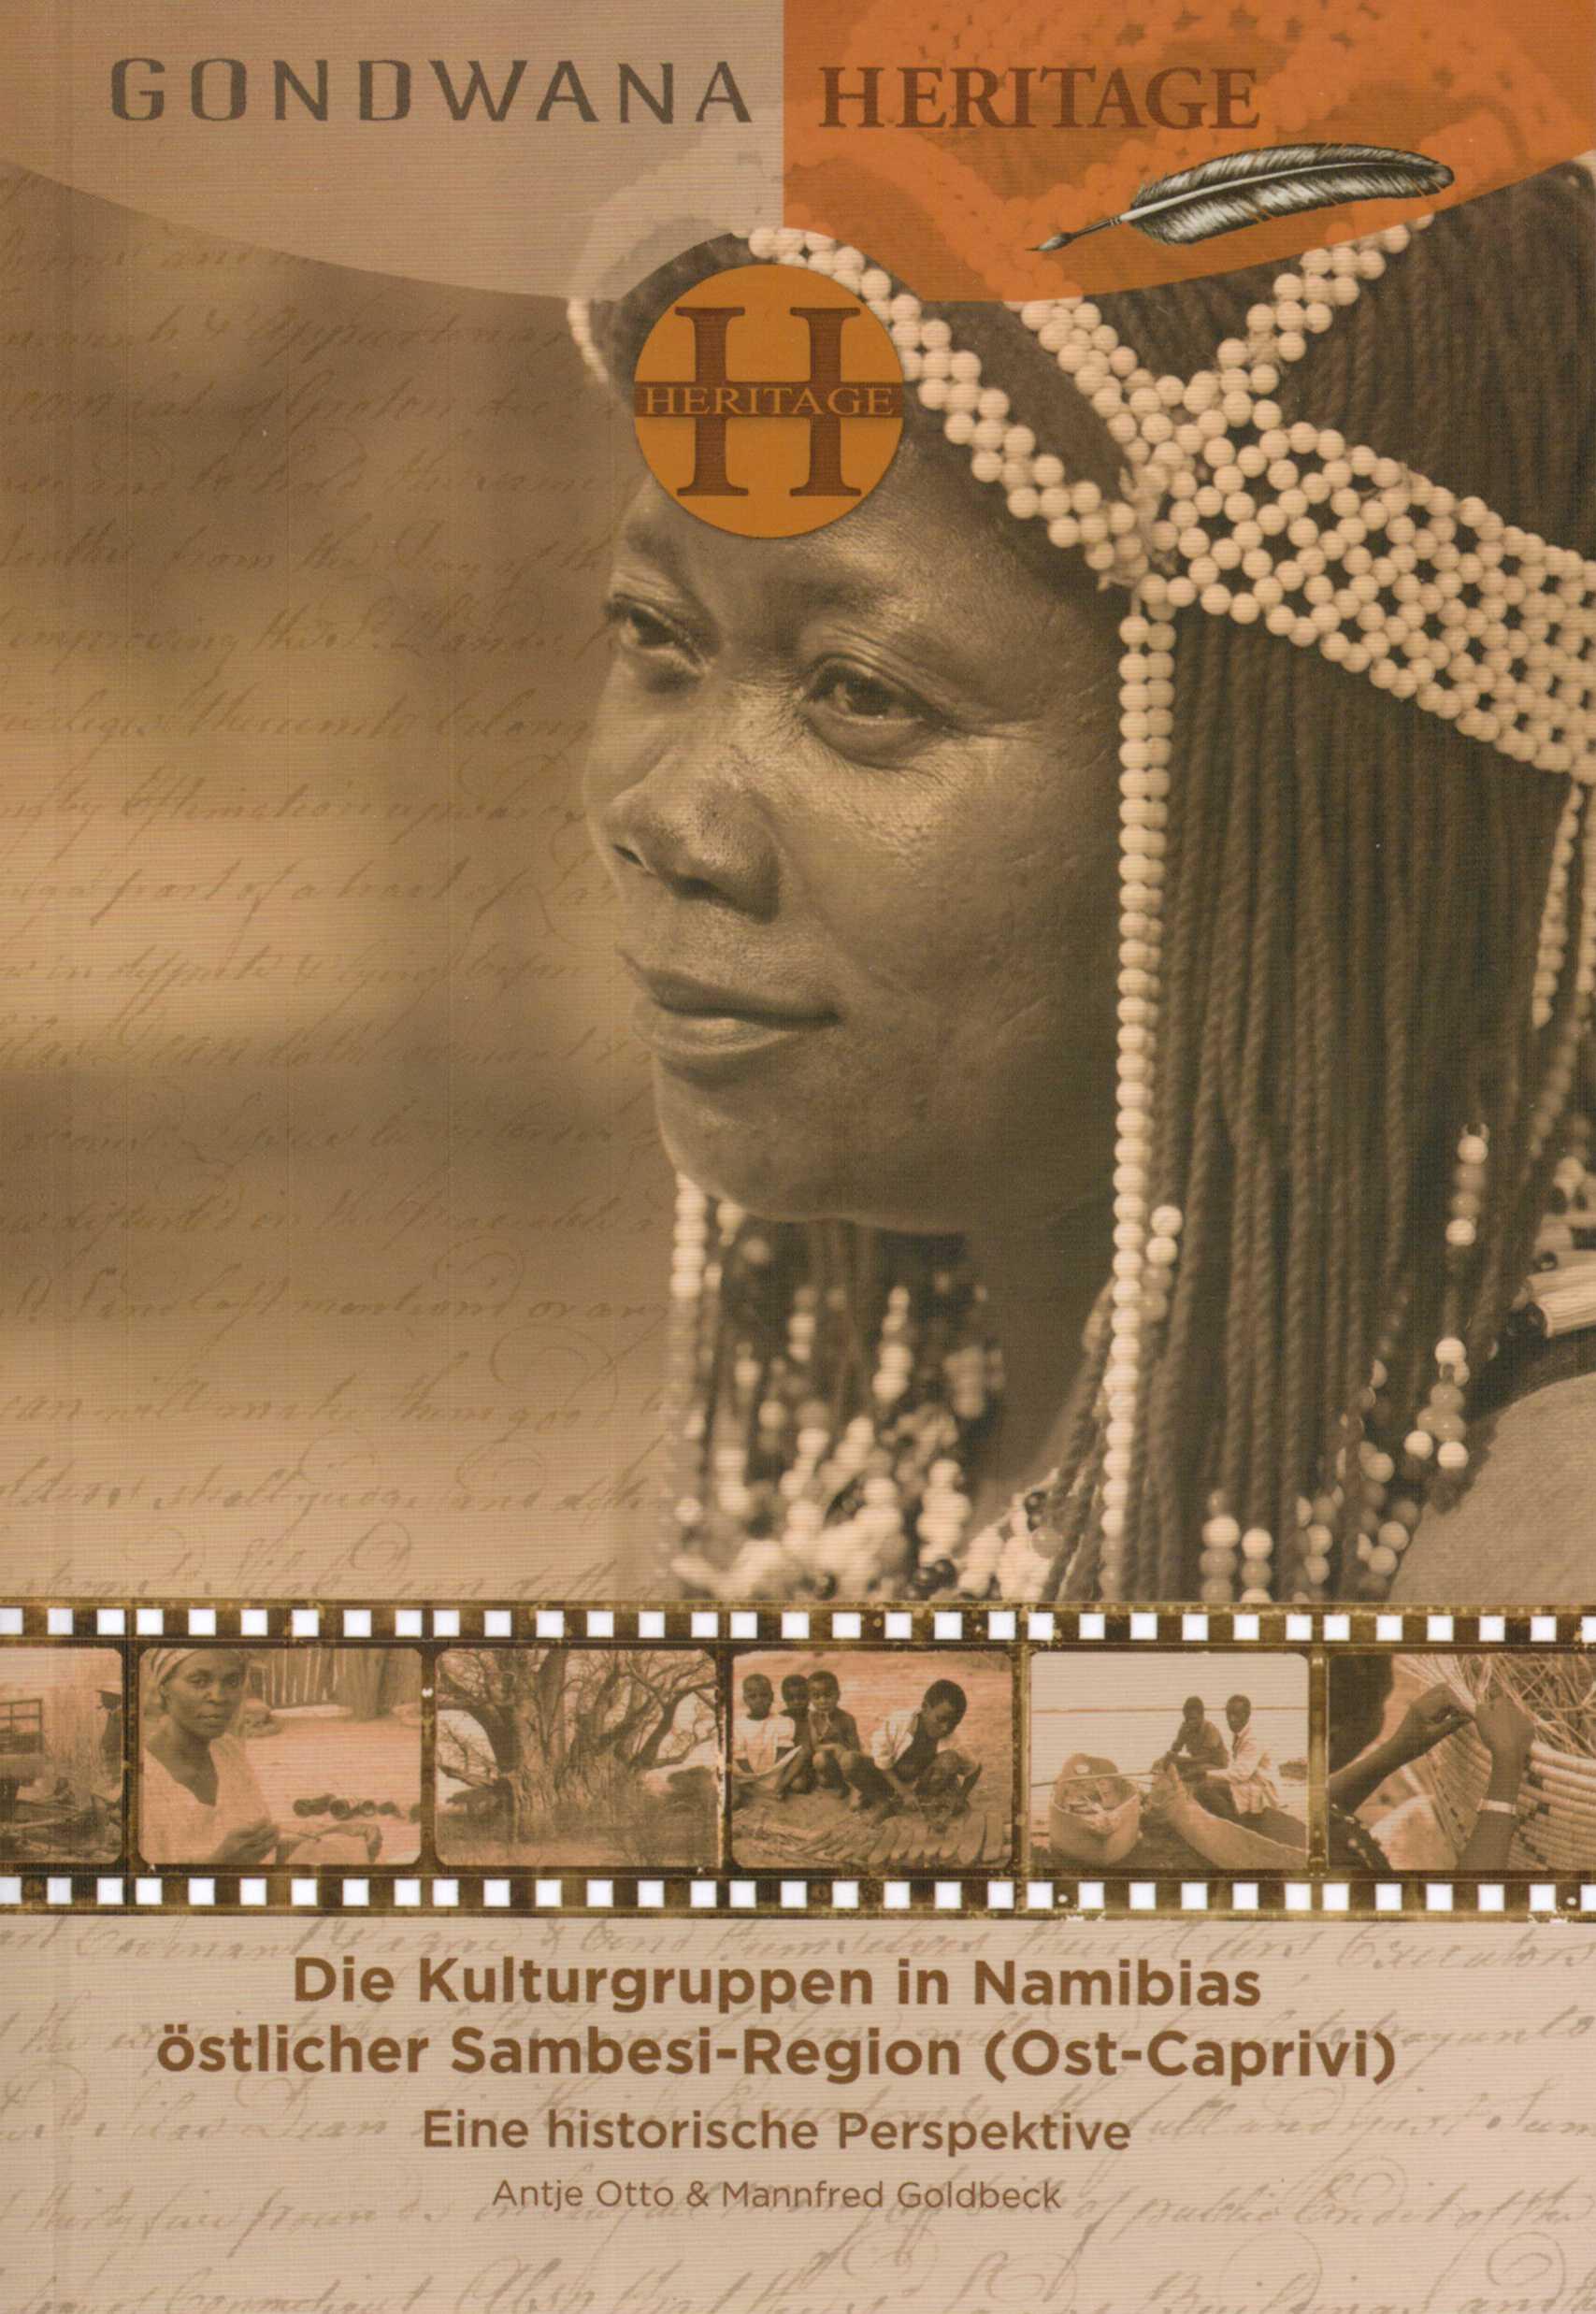 Veröffentlichung Gondwana Collection